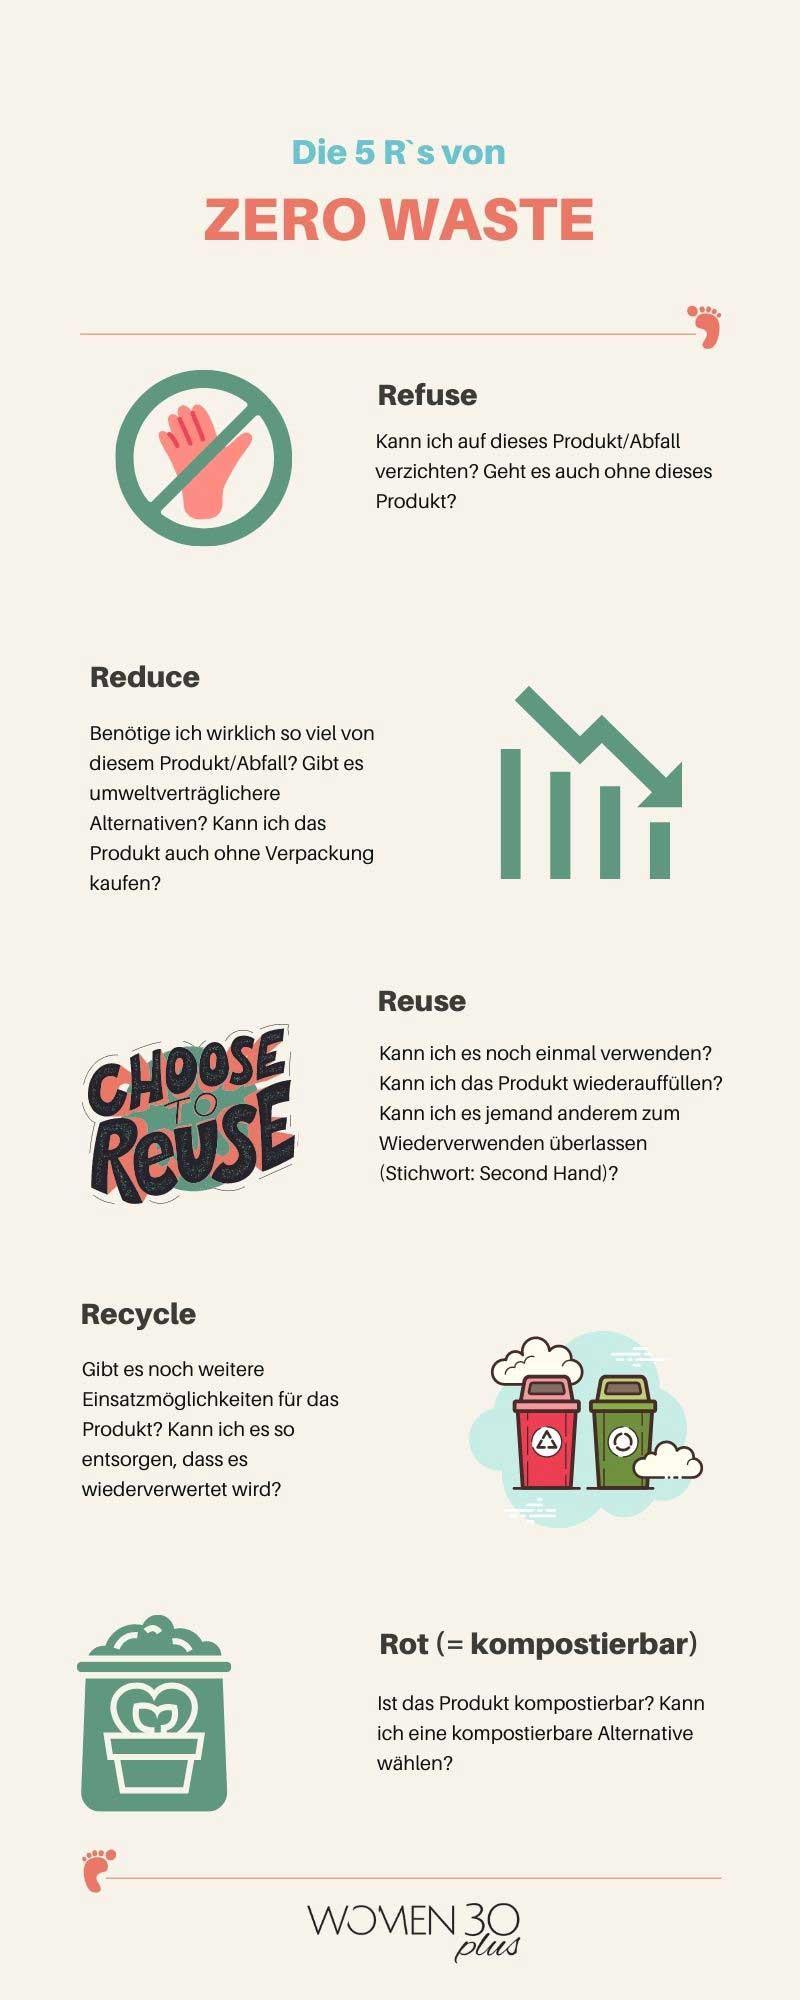 Die 5 R's von Zero Waste